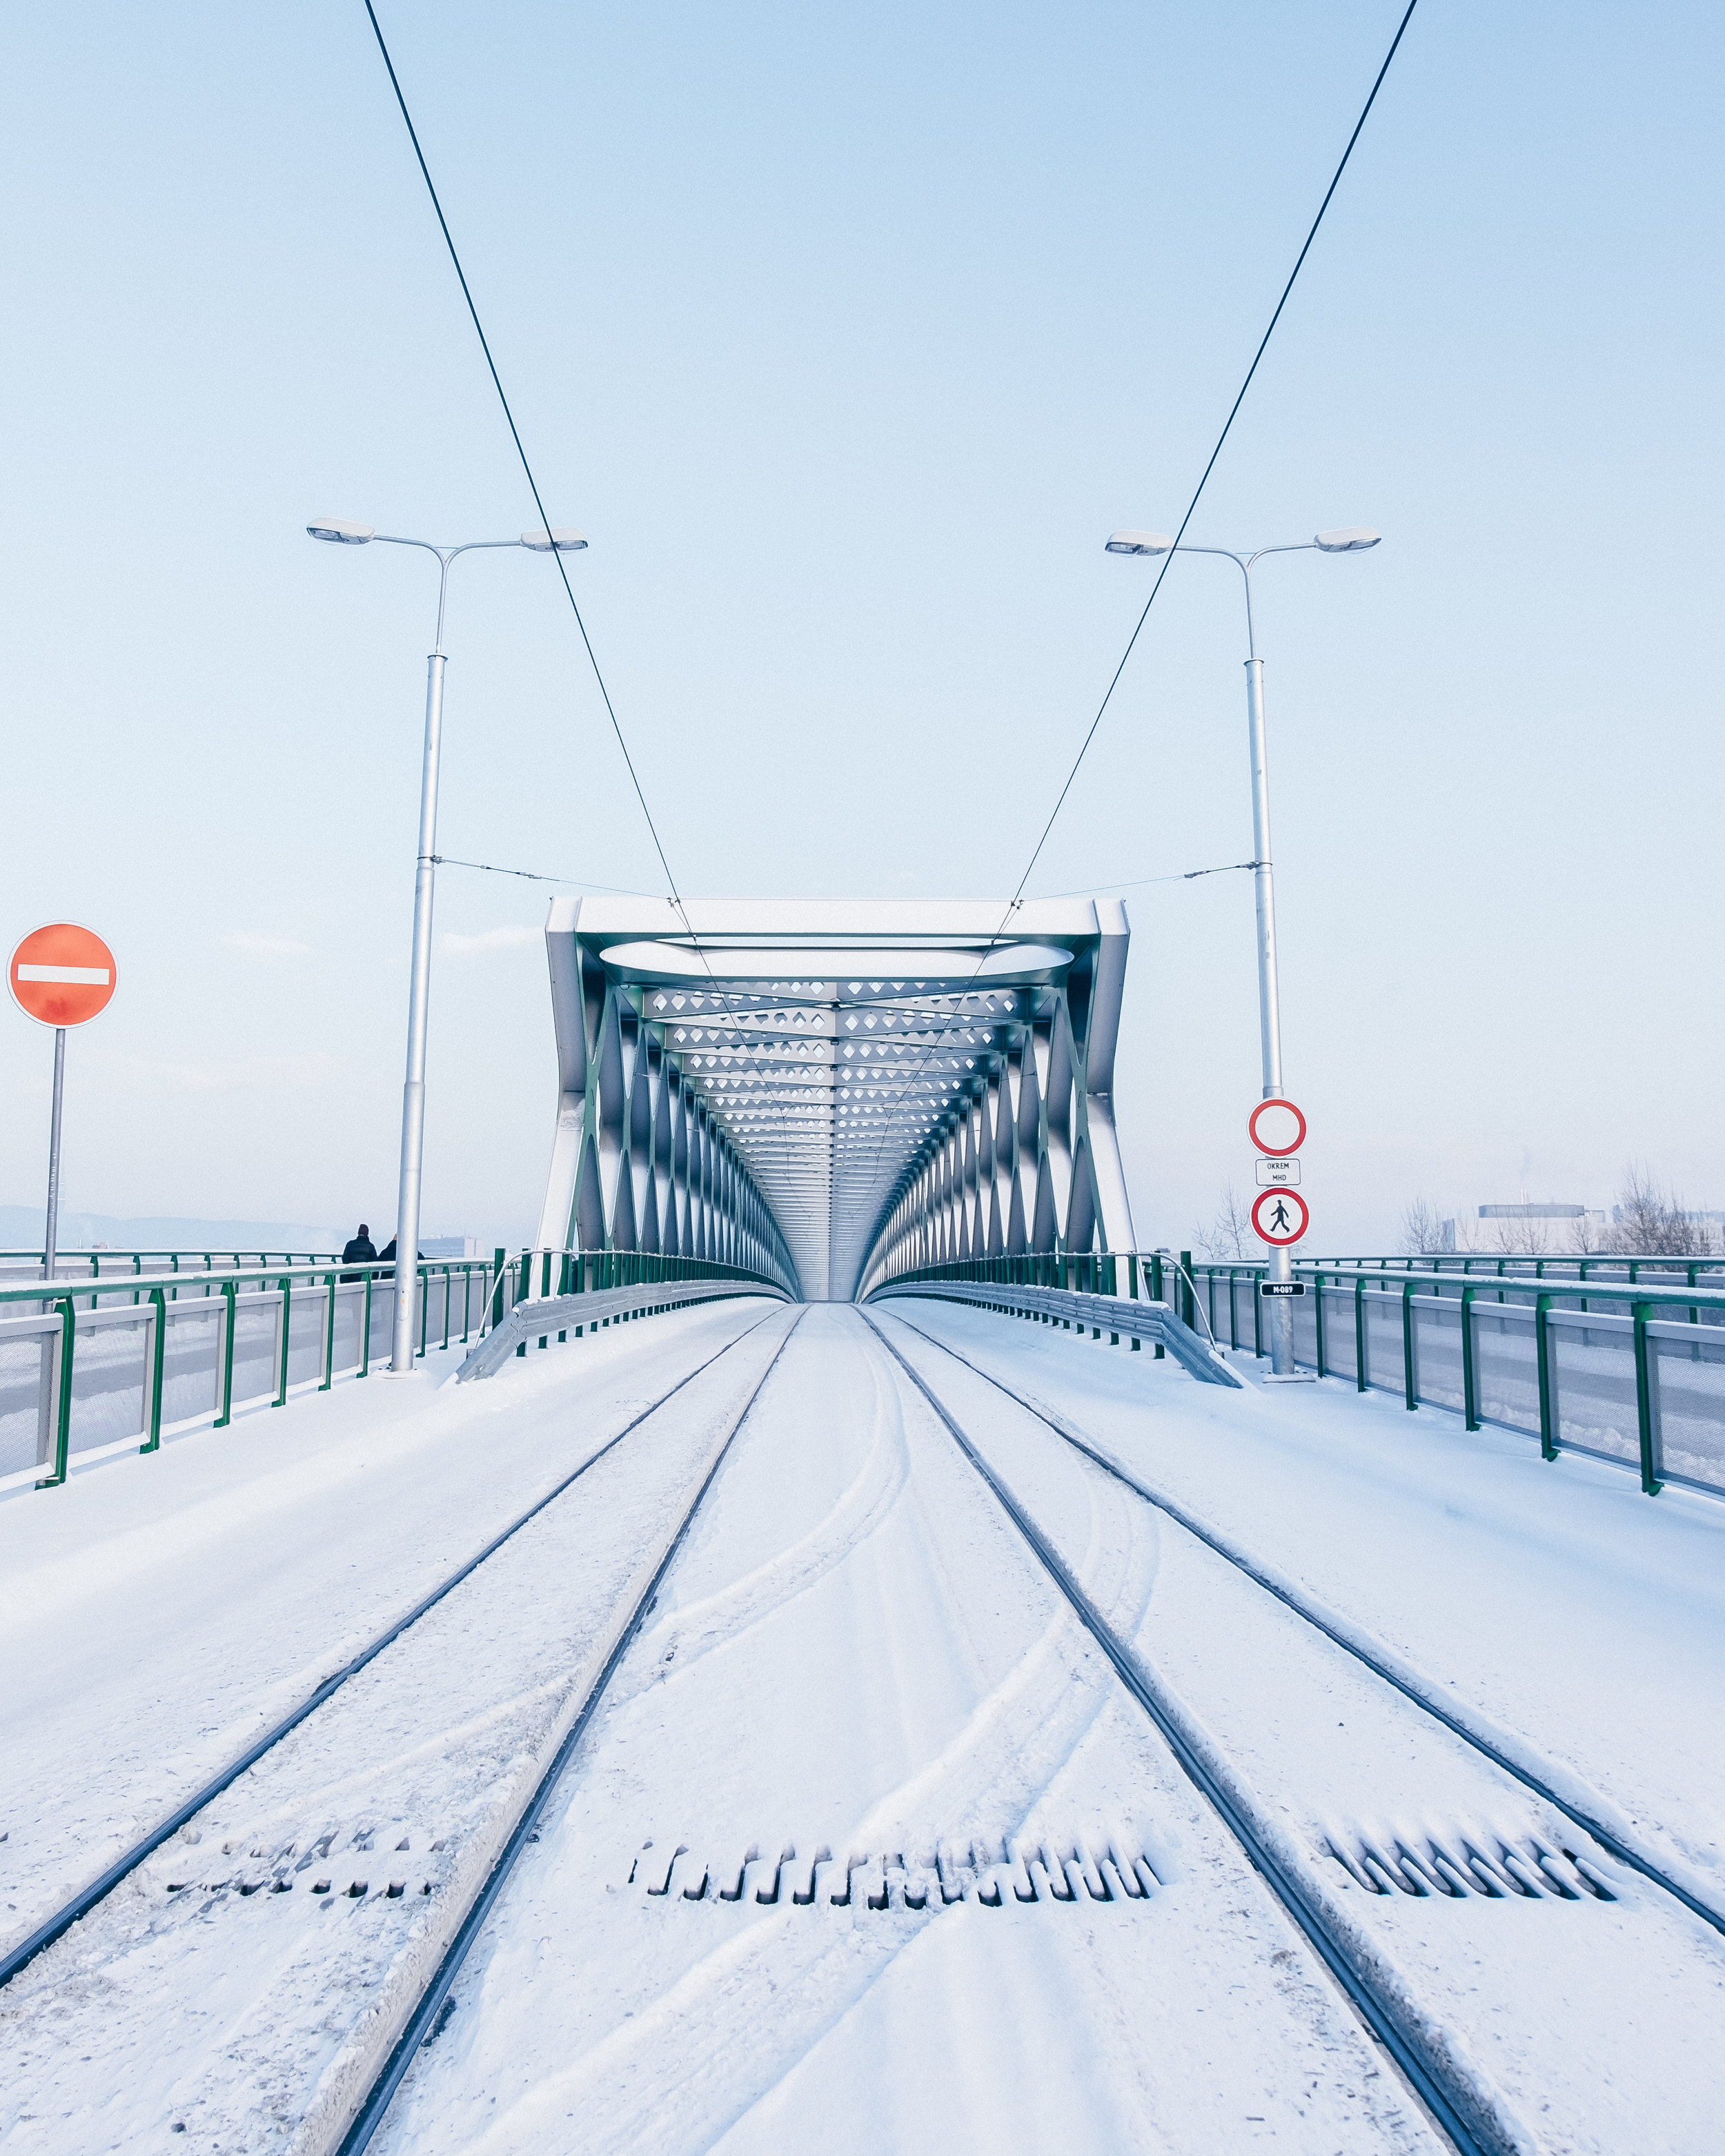 Tram railings on Old Bridge